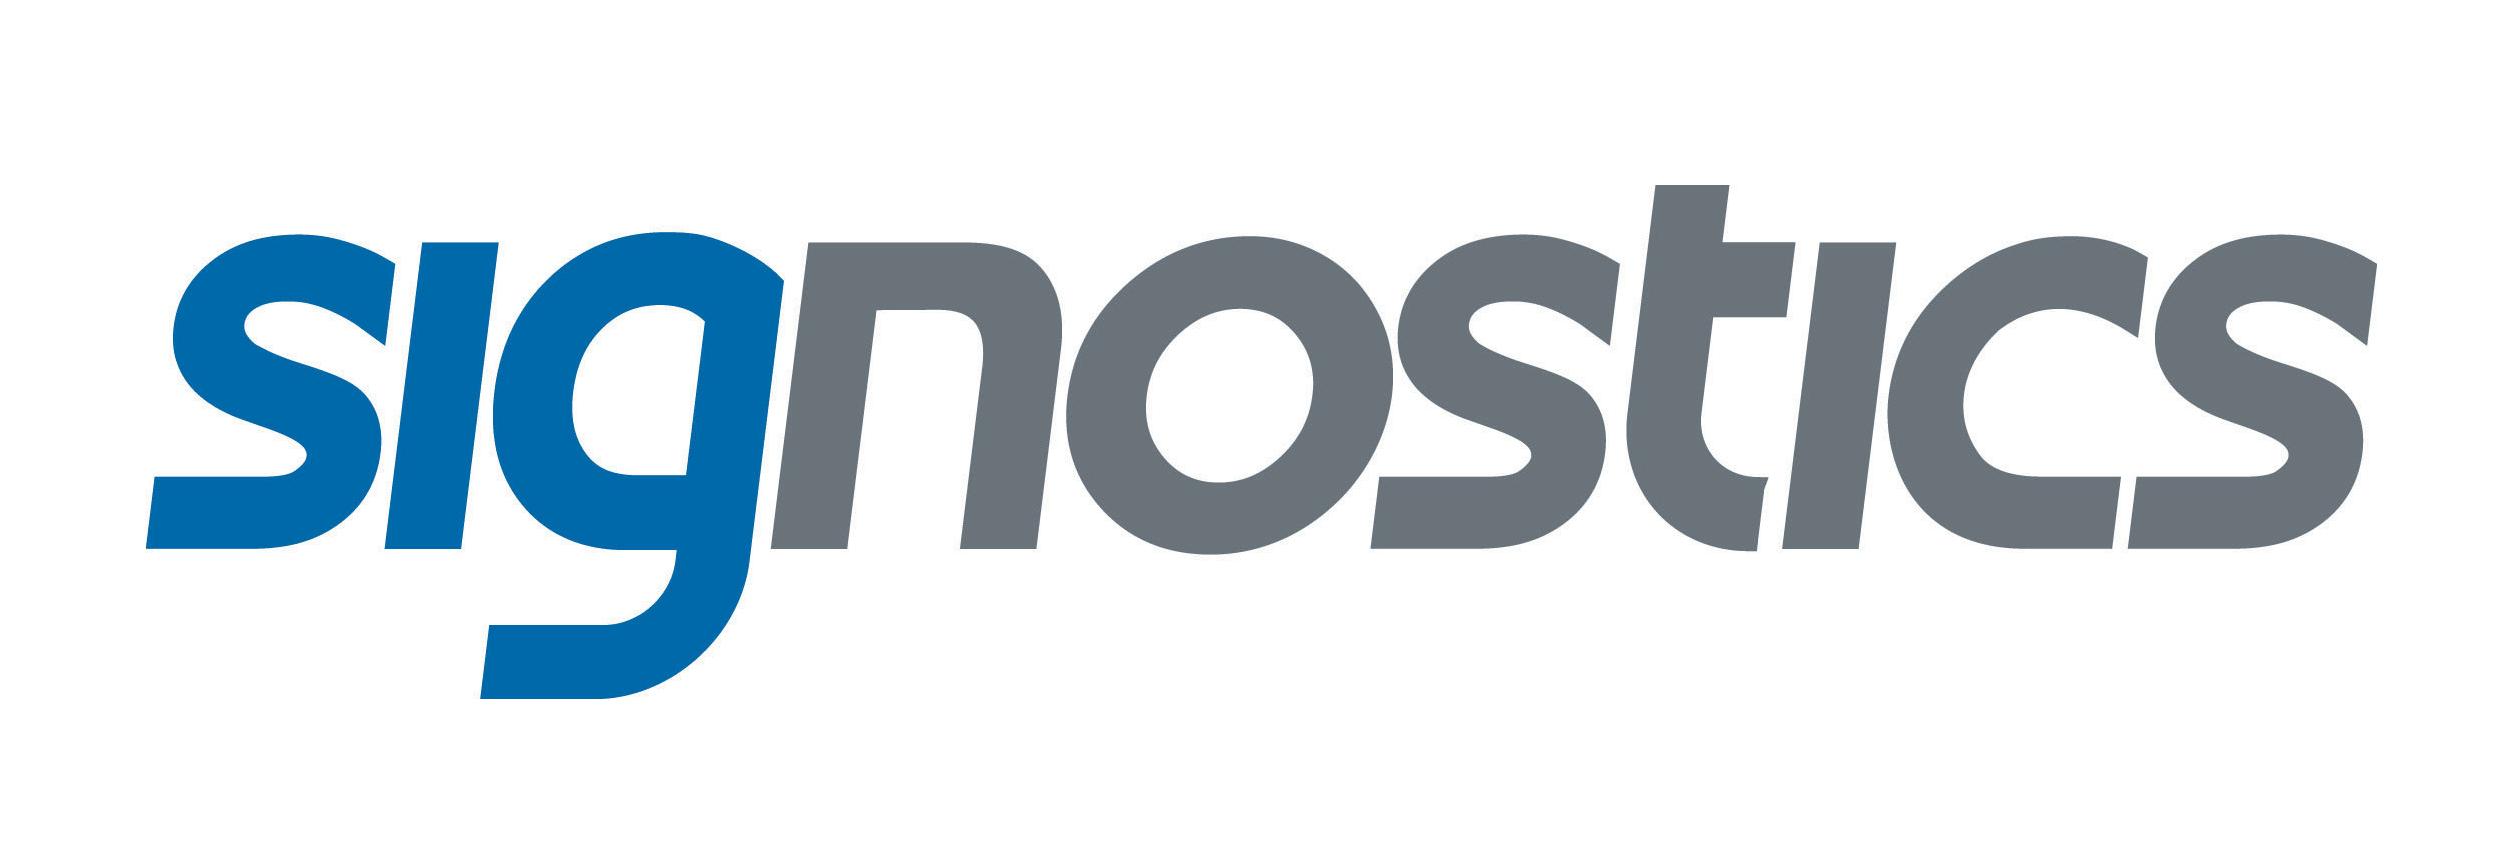 Signostics company logo